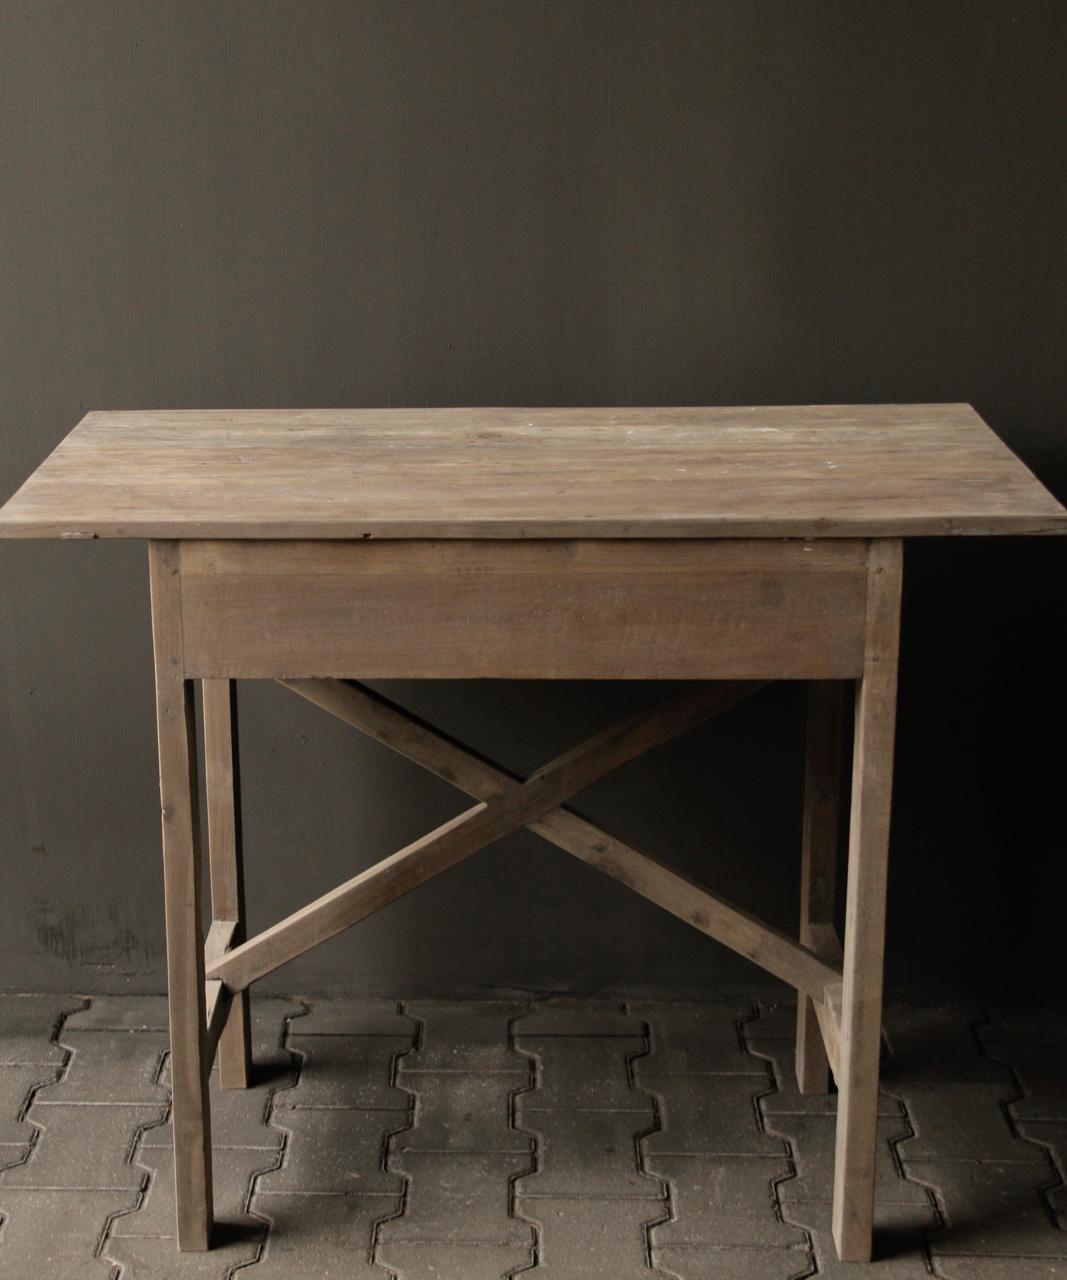 Robuster alter Beistelltisch / Wandtisch aus altem Holz mit einer Schublade-2